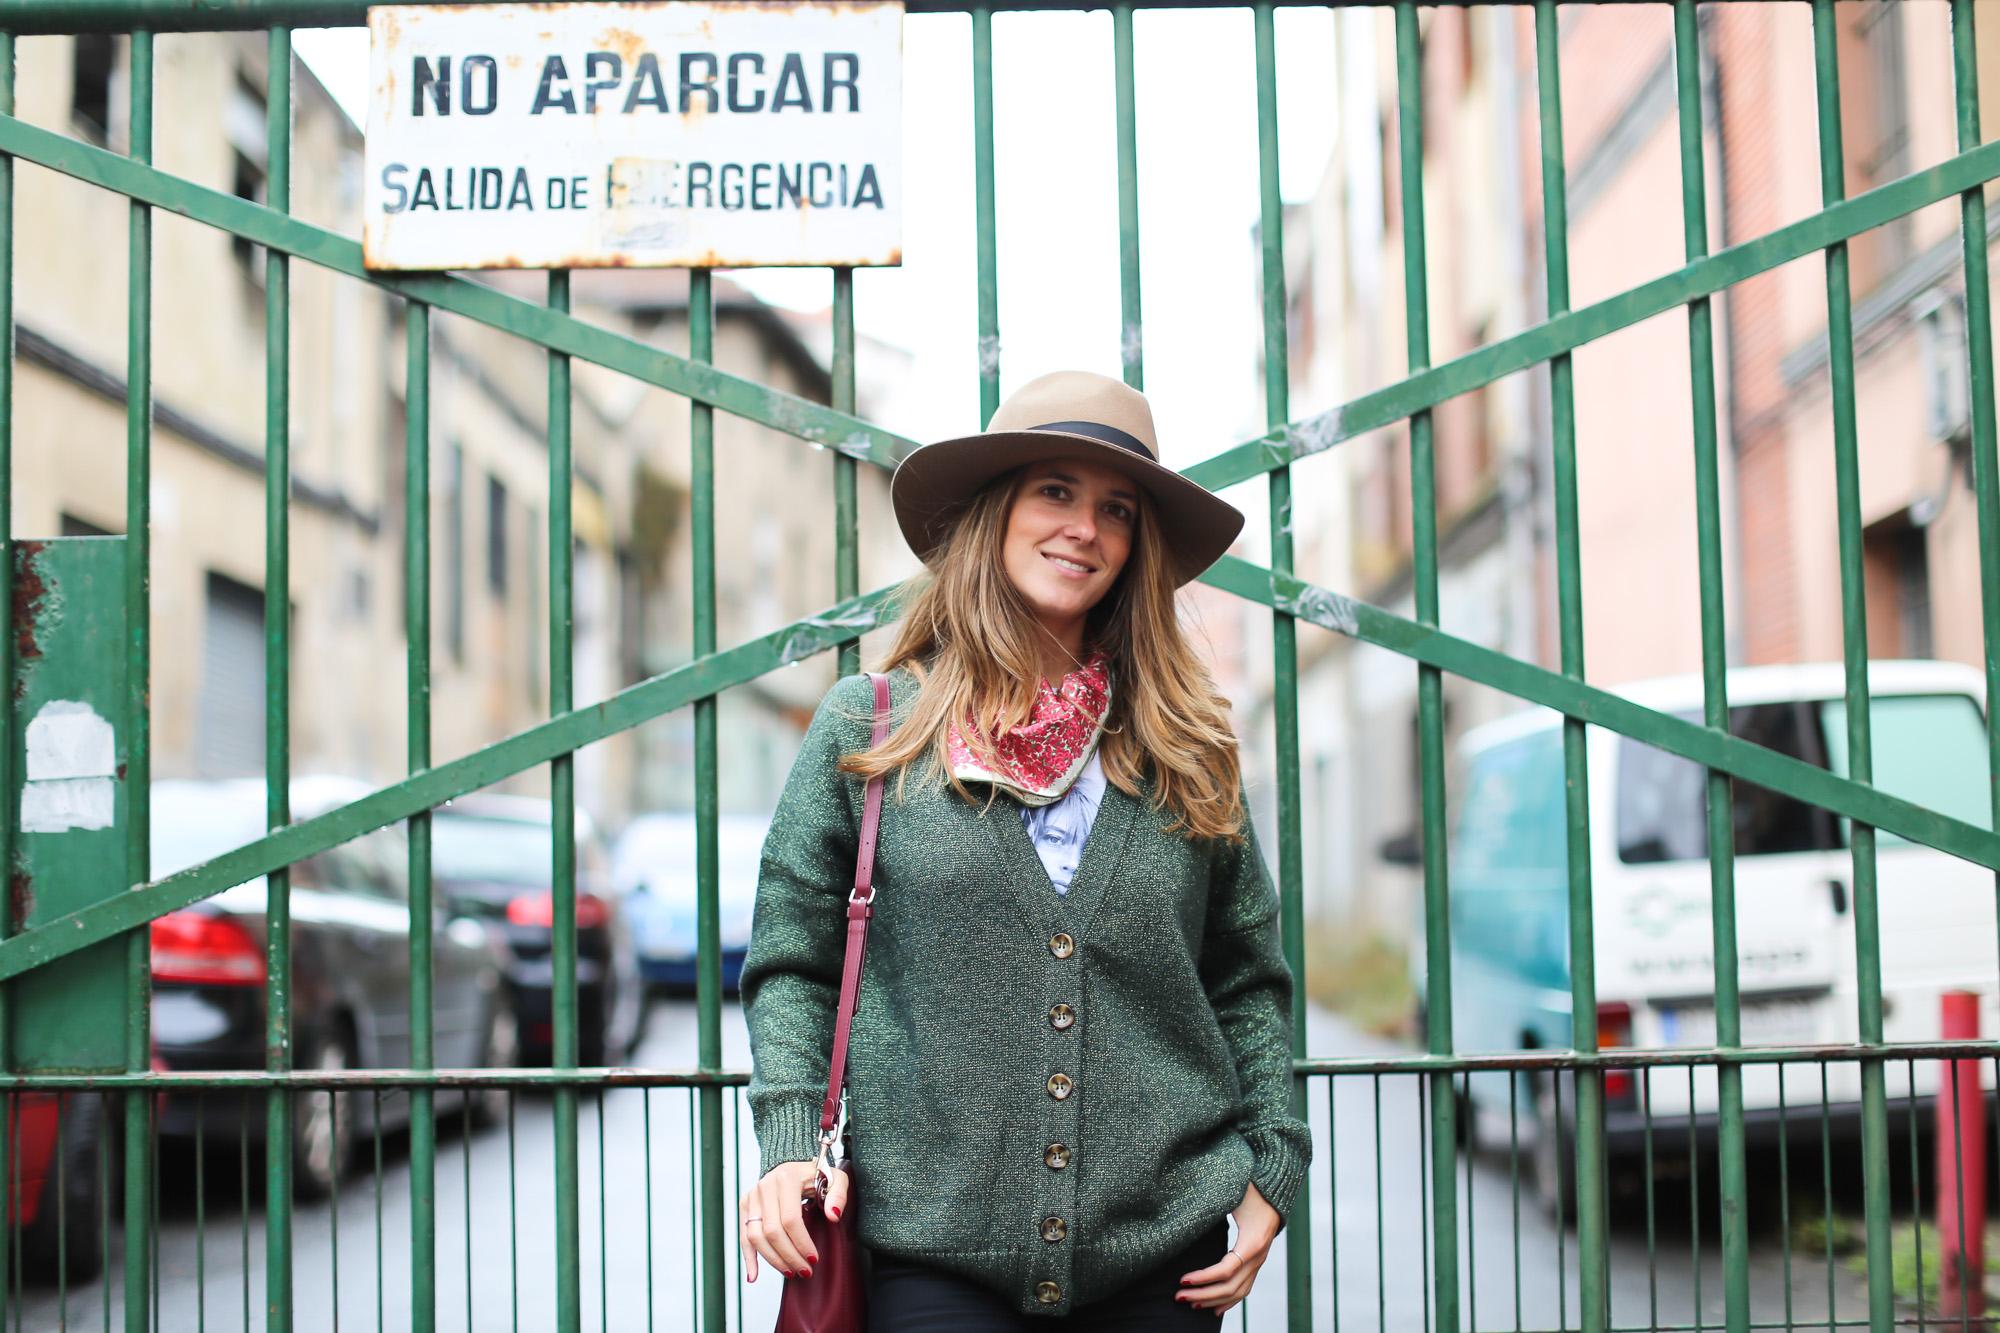 Clochet_fashionblogger_streetstyle_coswoolcoat_purificaciongarciapañuelodeseda_bolsobandolerawestfalia-5